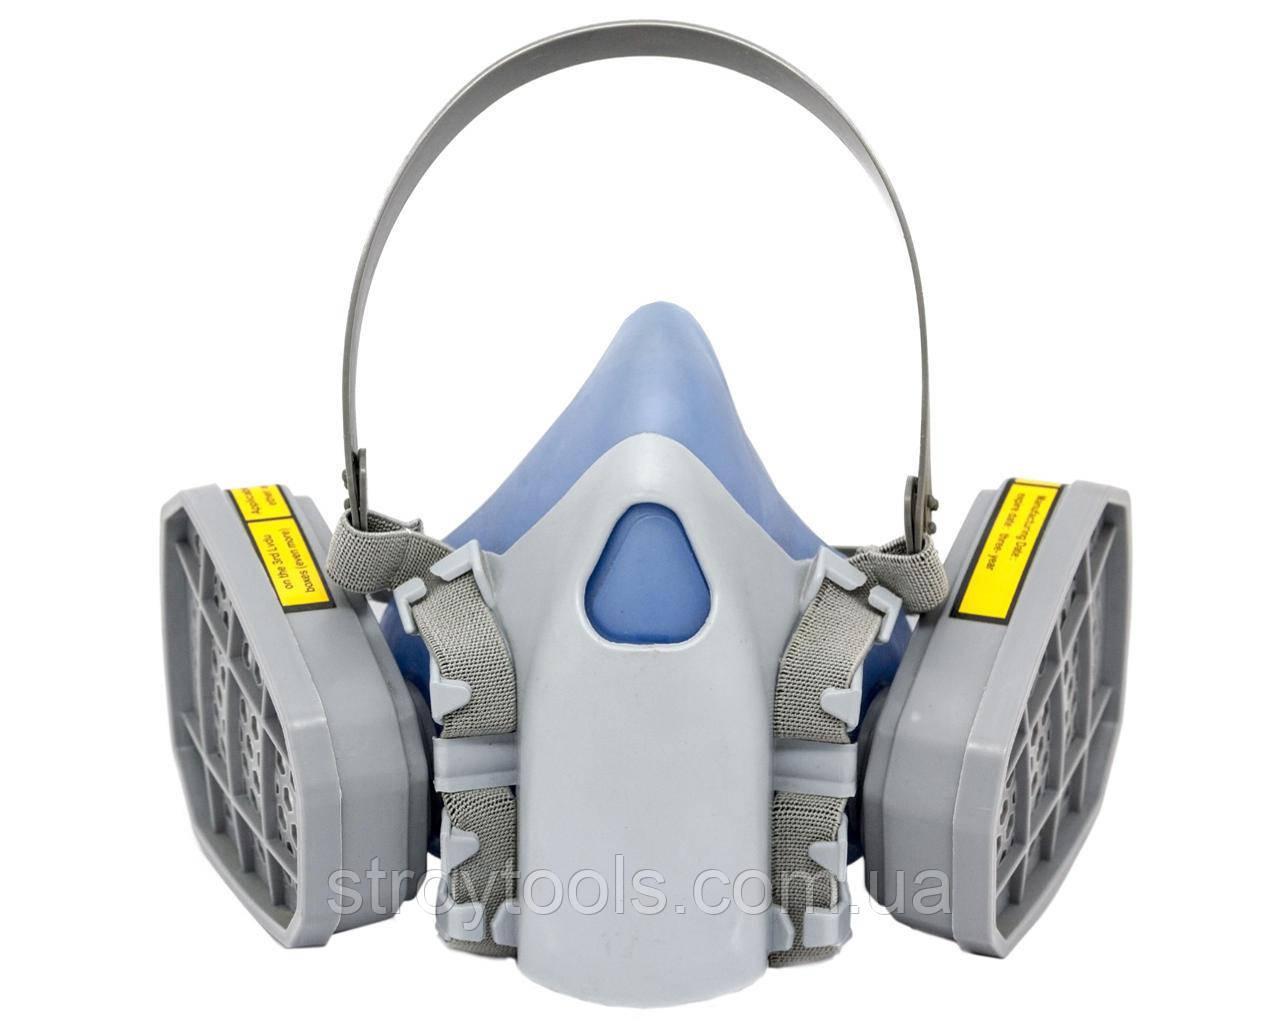 Респиратор аналог ЗМ .Сталкер-2 с двумя фильтрами (банка трапеция)DR-0021